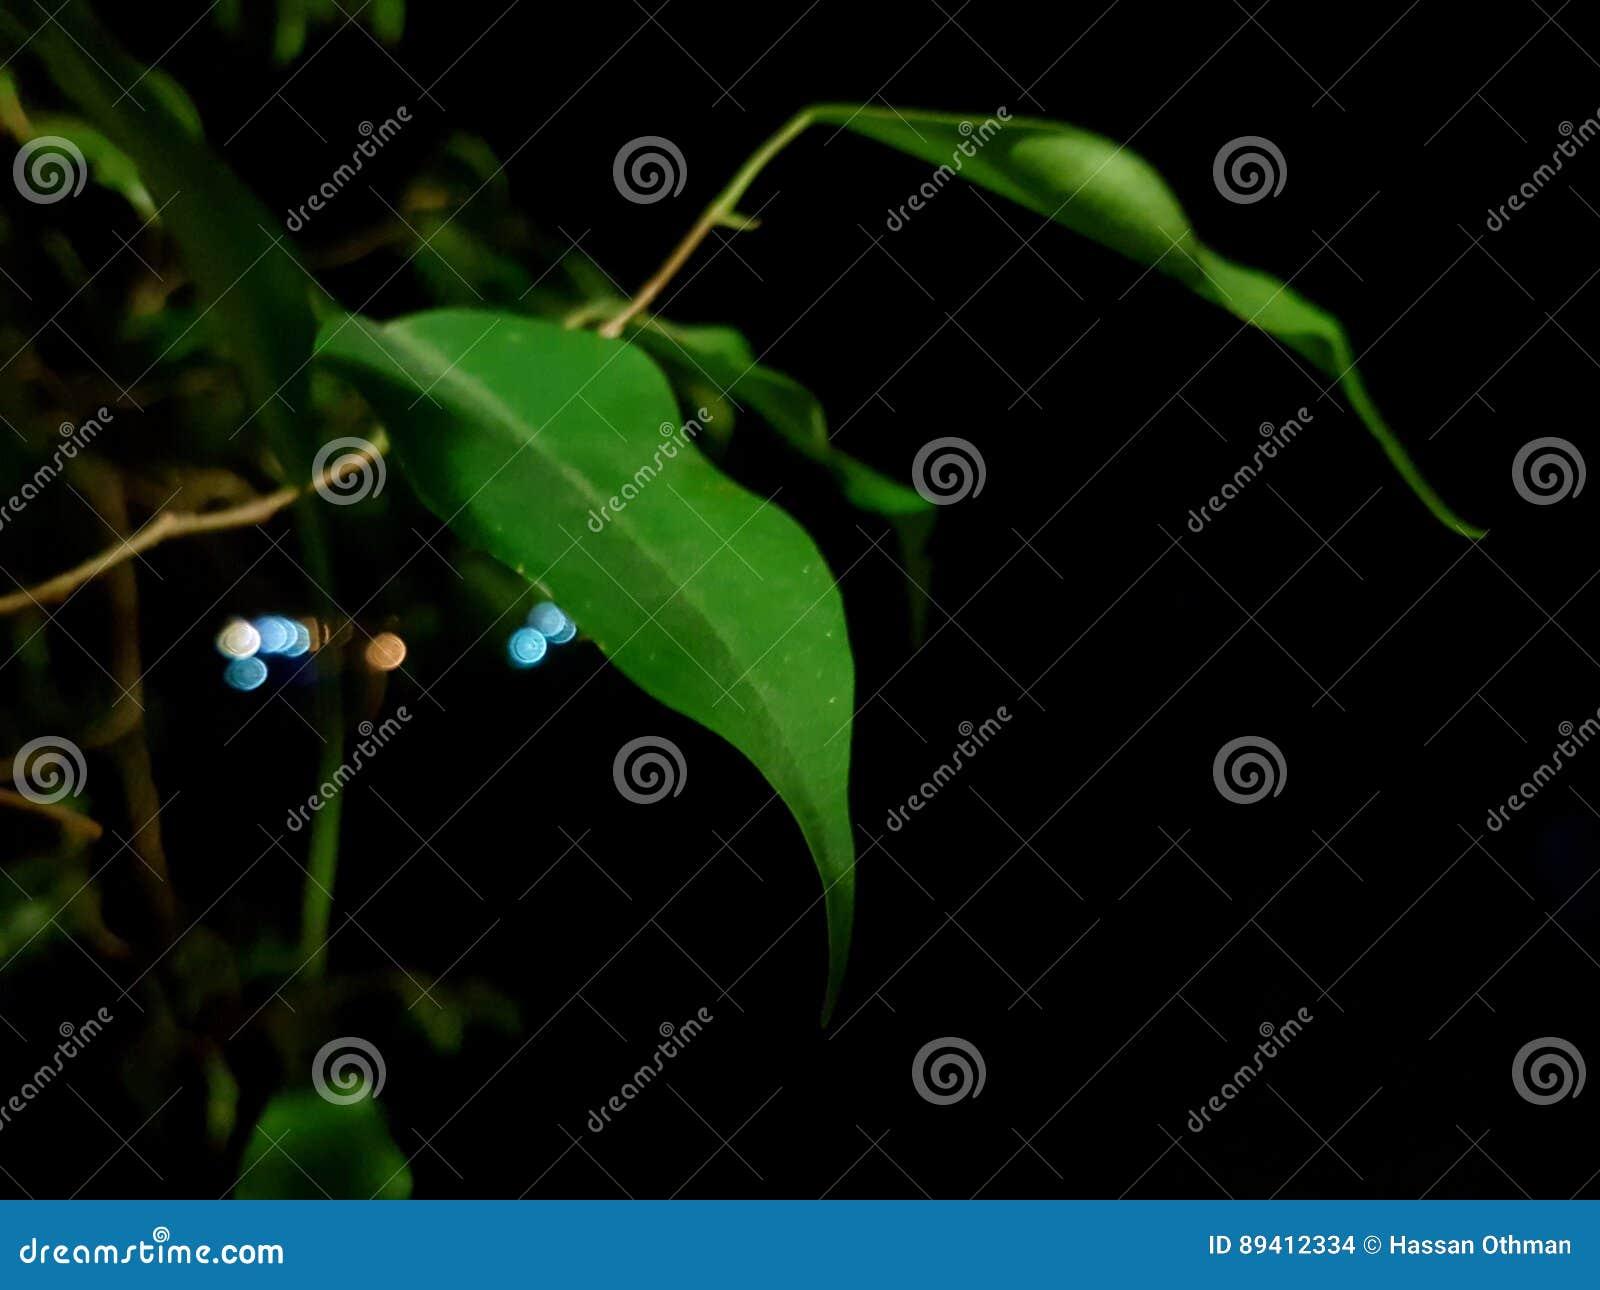 Natureza impressionante Qhd da noite